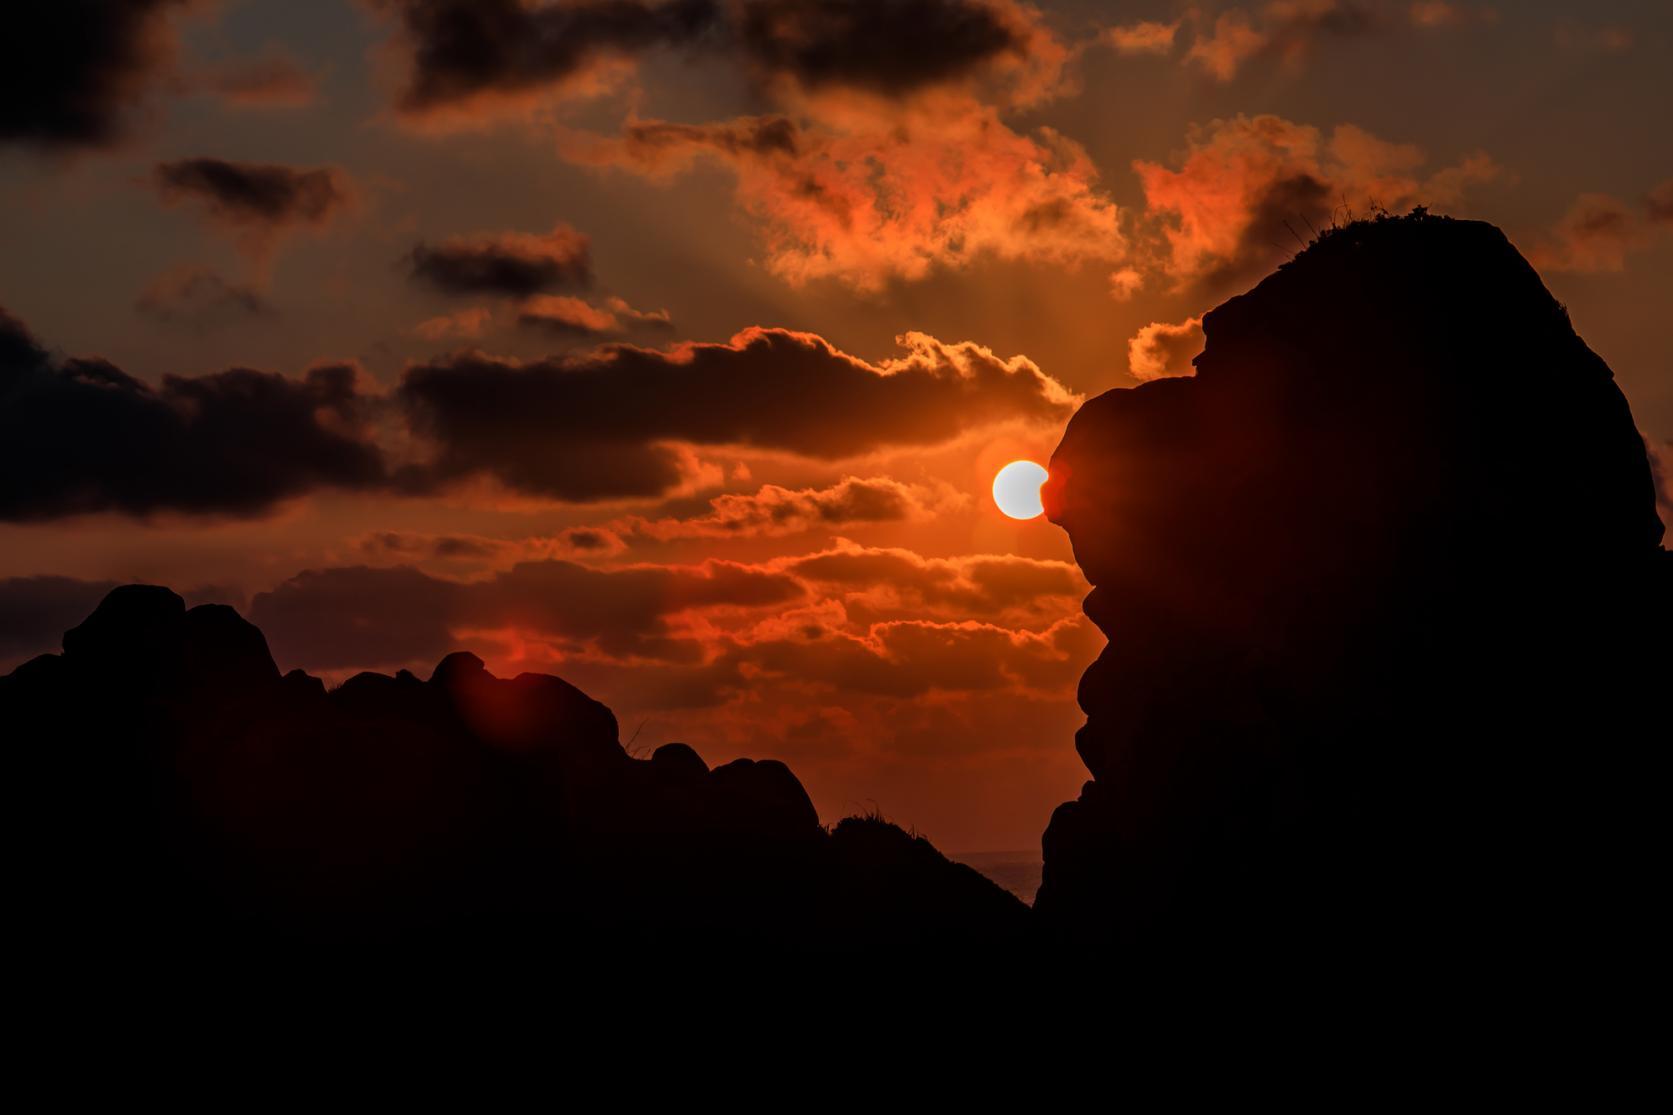 朝日・夕日で絶景も姿をかえる-1